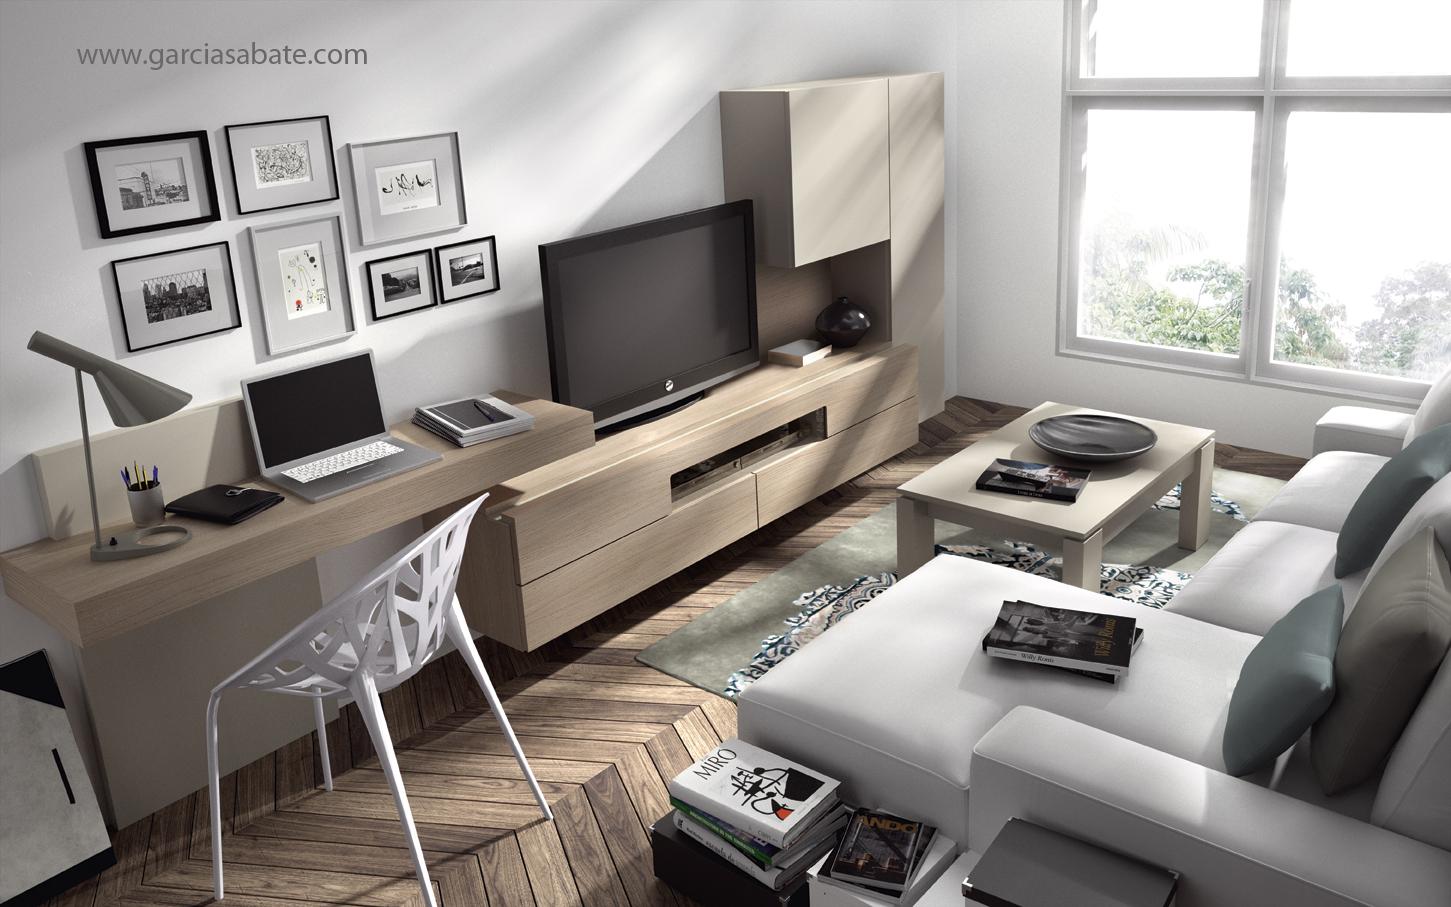 Comprar ofertas platos de ducha muebles sofas spain for Casa garcia muebles